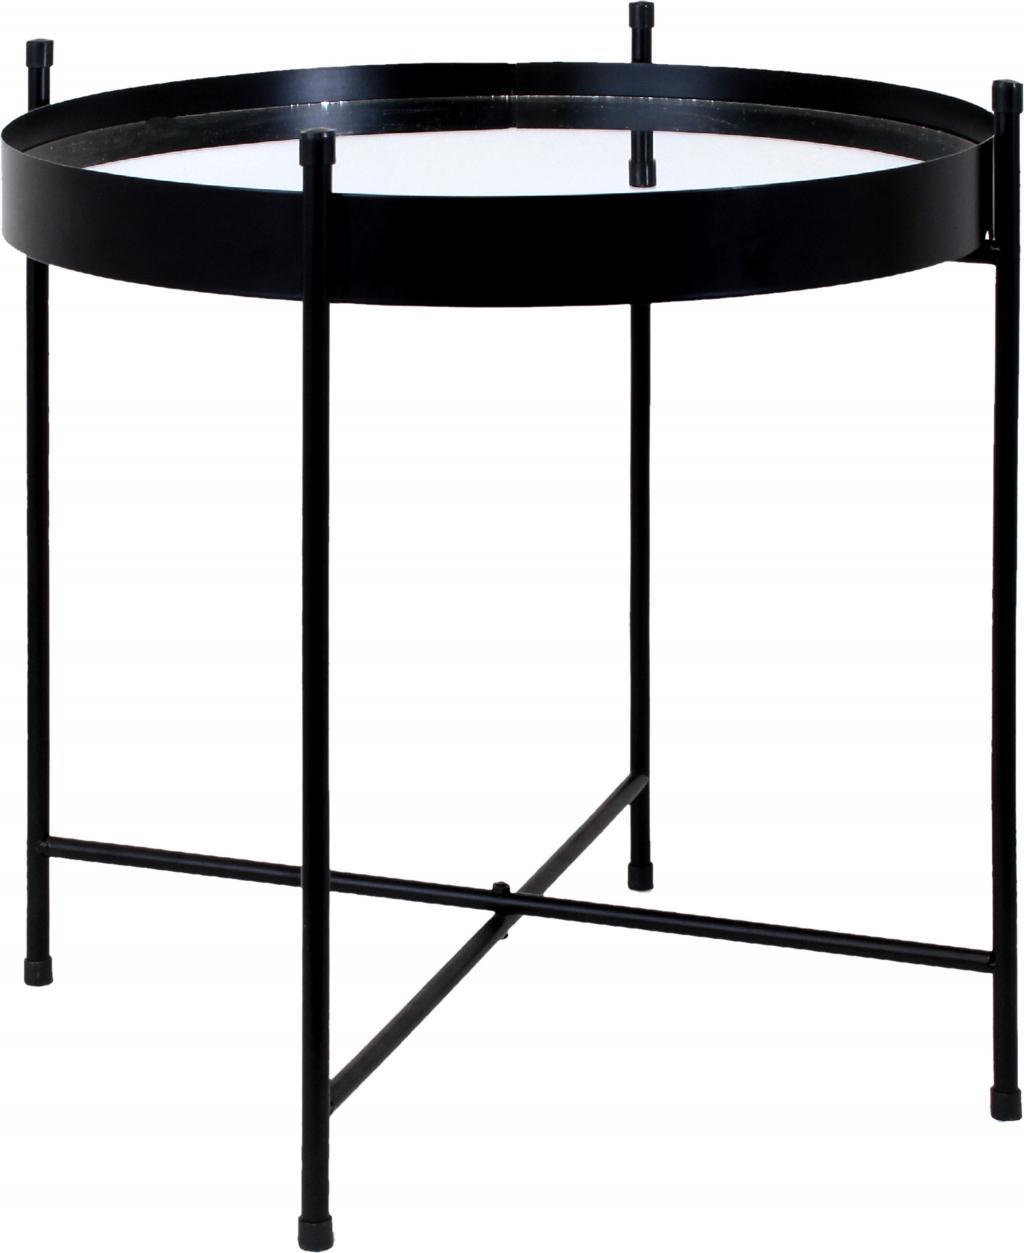 beistelltisch mirror schwarz rund le studio kaufen wohn und. Black Bedroom Furniture Sets. Home Design Ideas